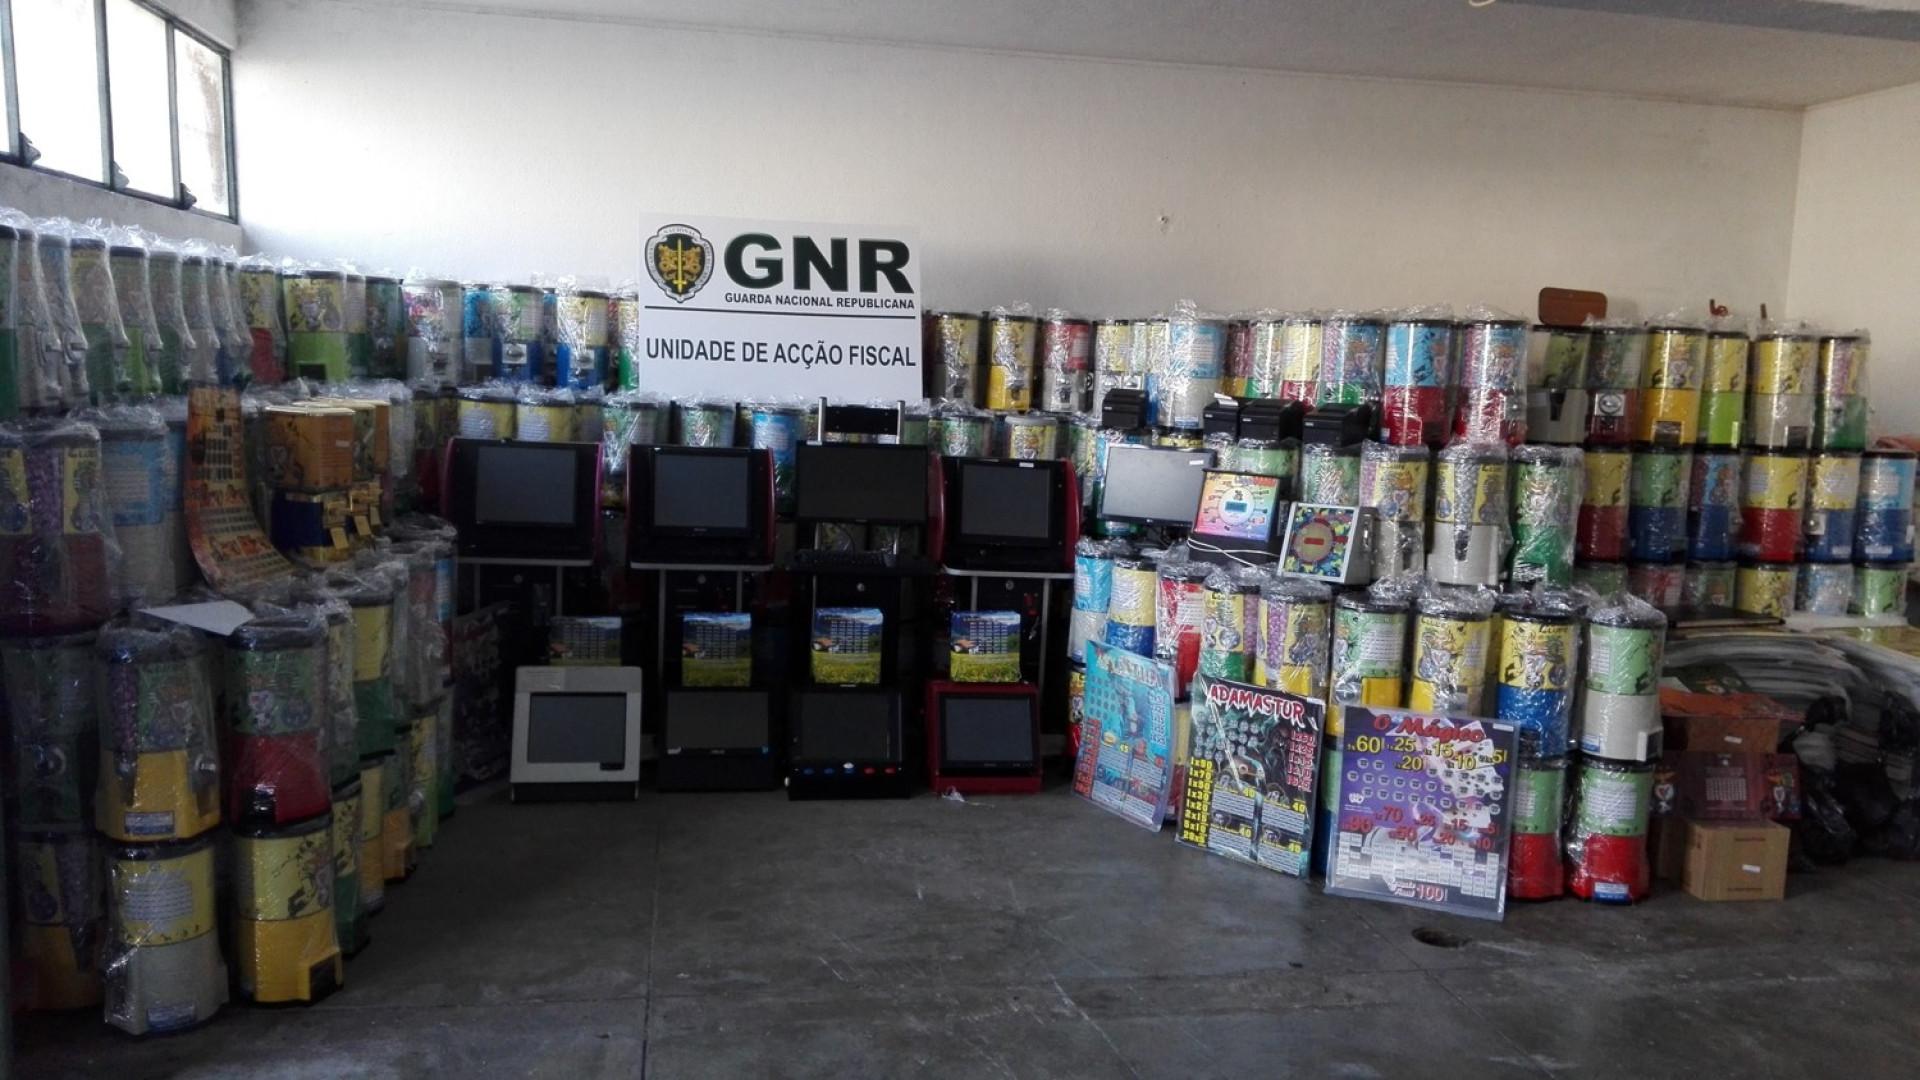 E-aposta: GNR apreende mais de 2 milhões de euros de jogo ilegal